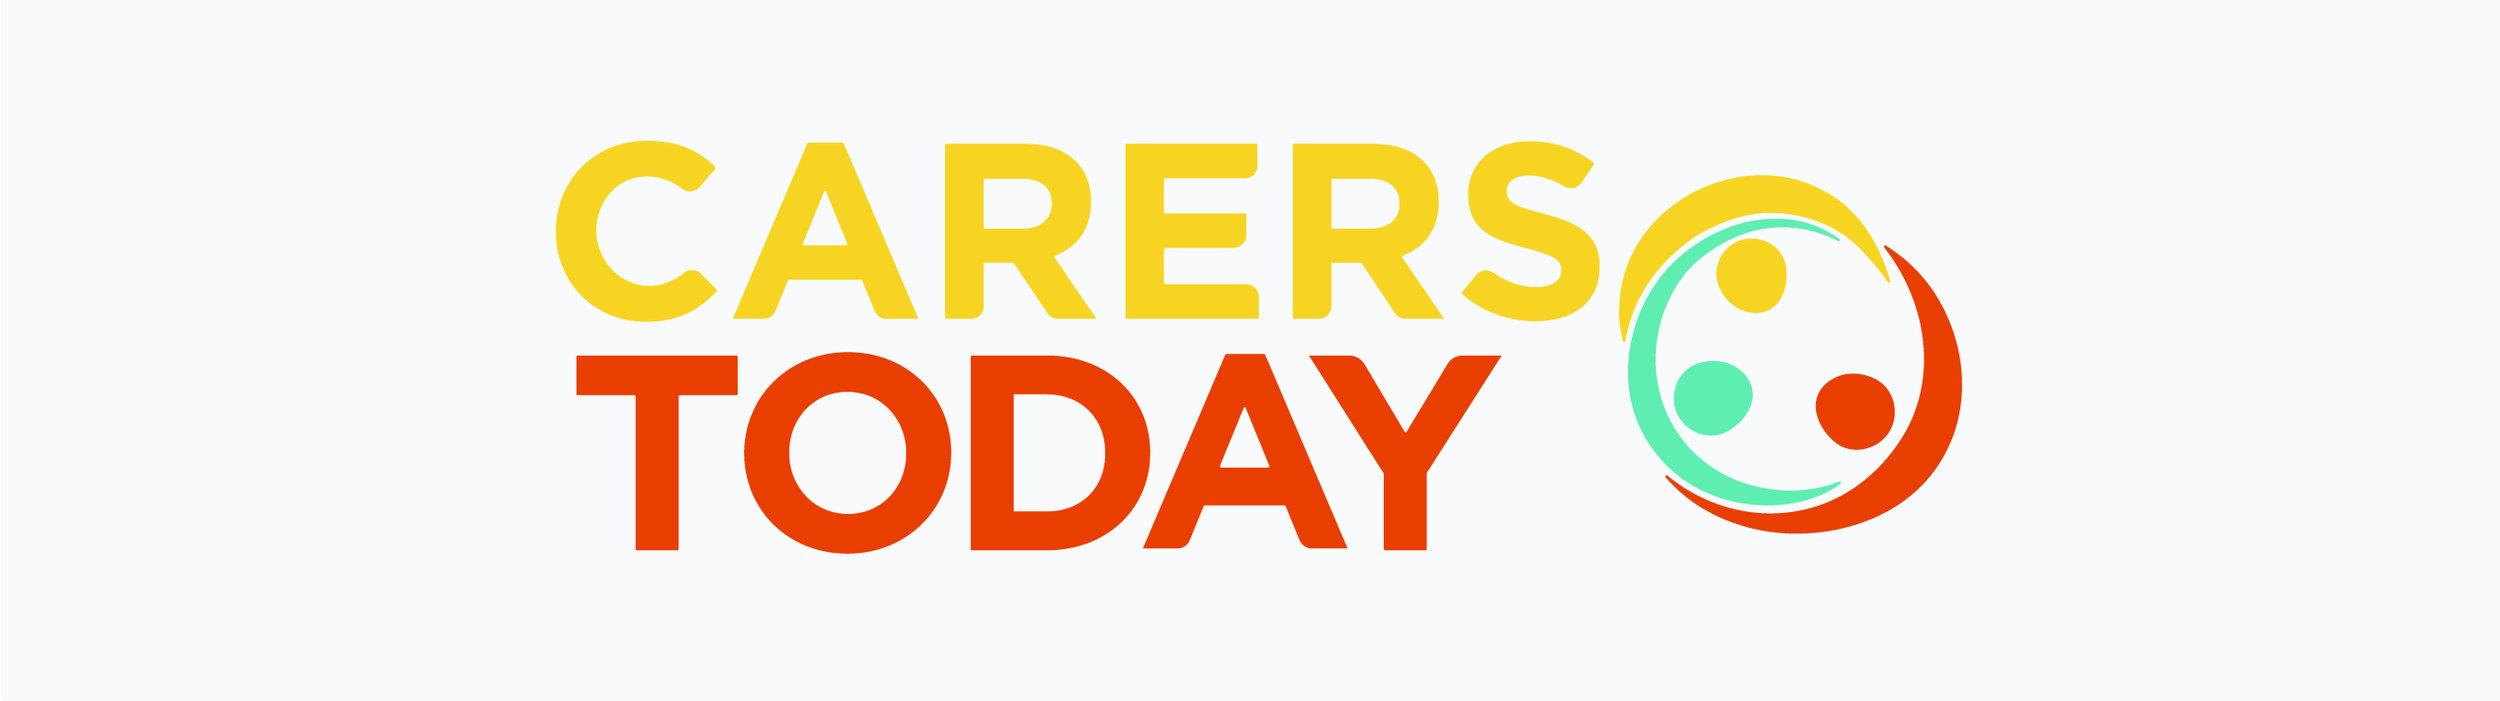 carers today_v2landpage5.jpg